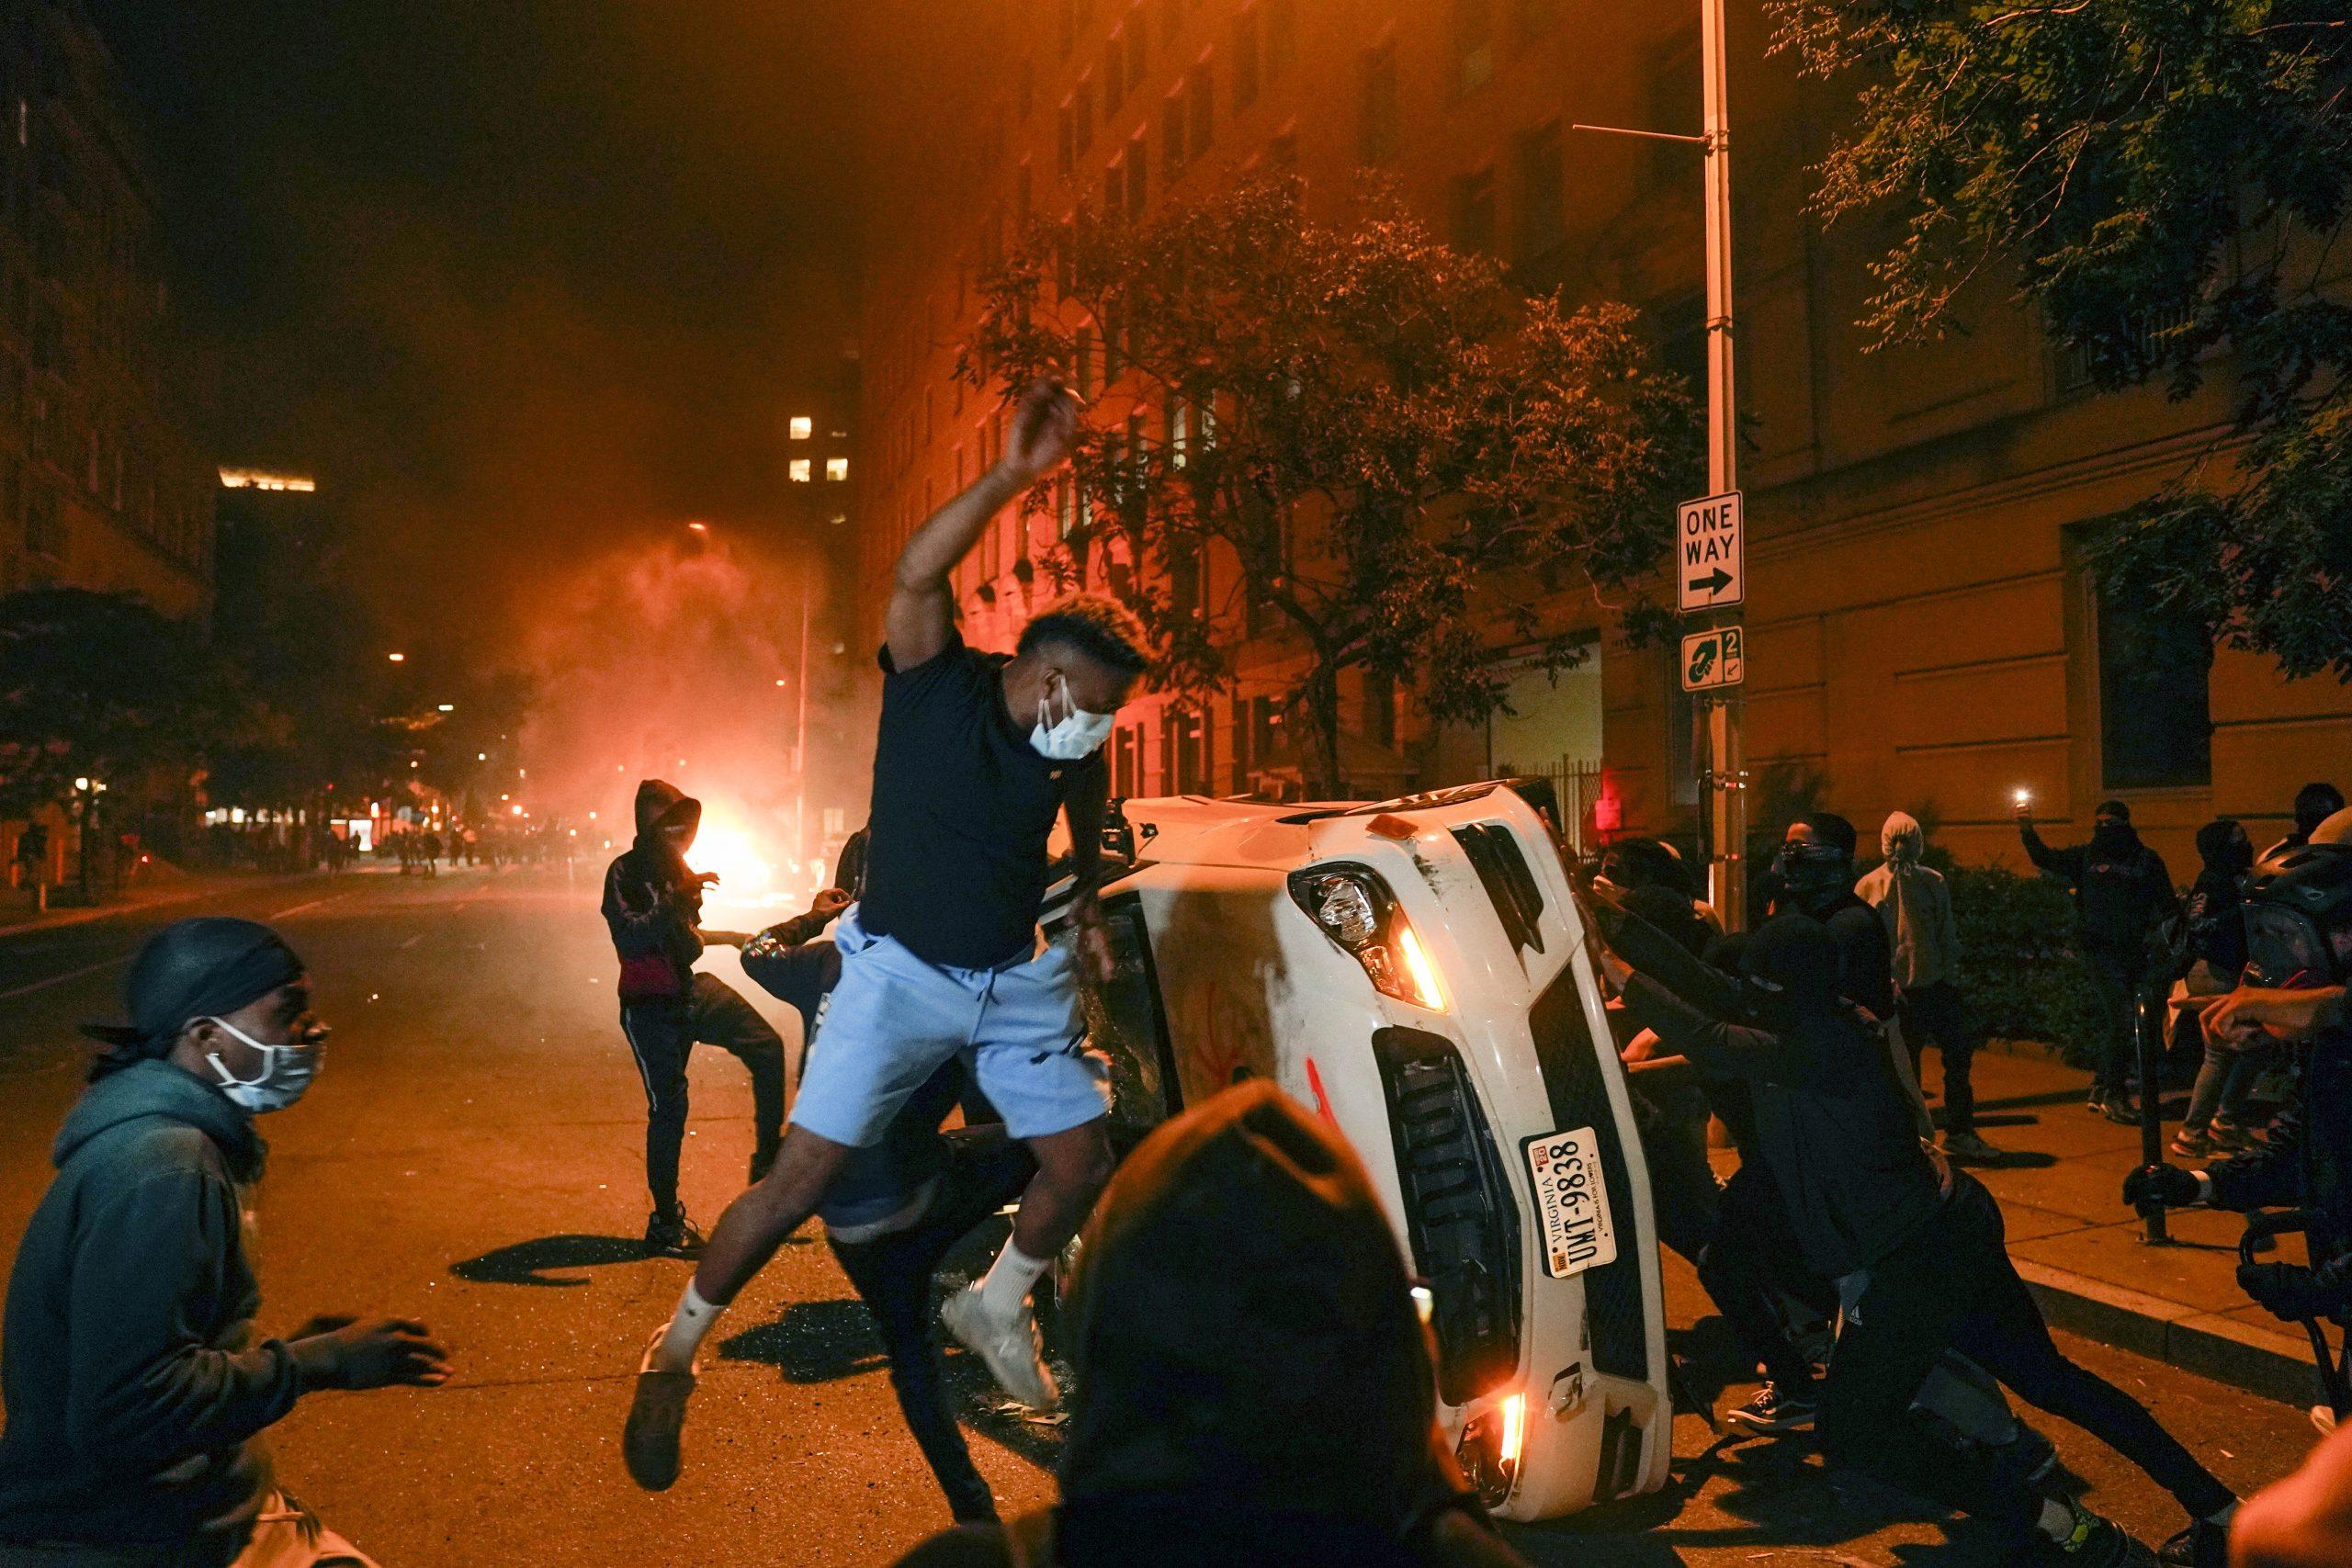 La violencia y la pandemia golpean al país